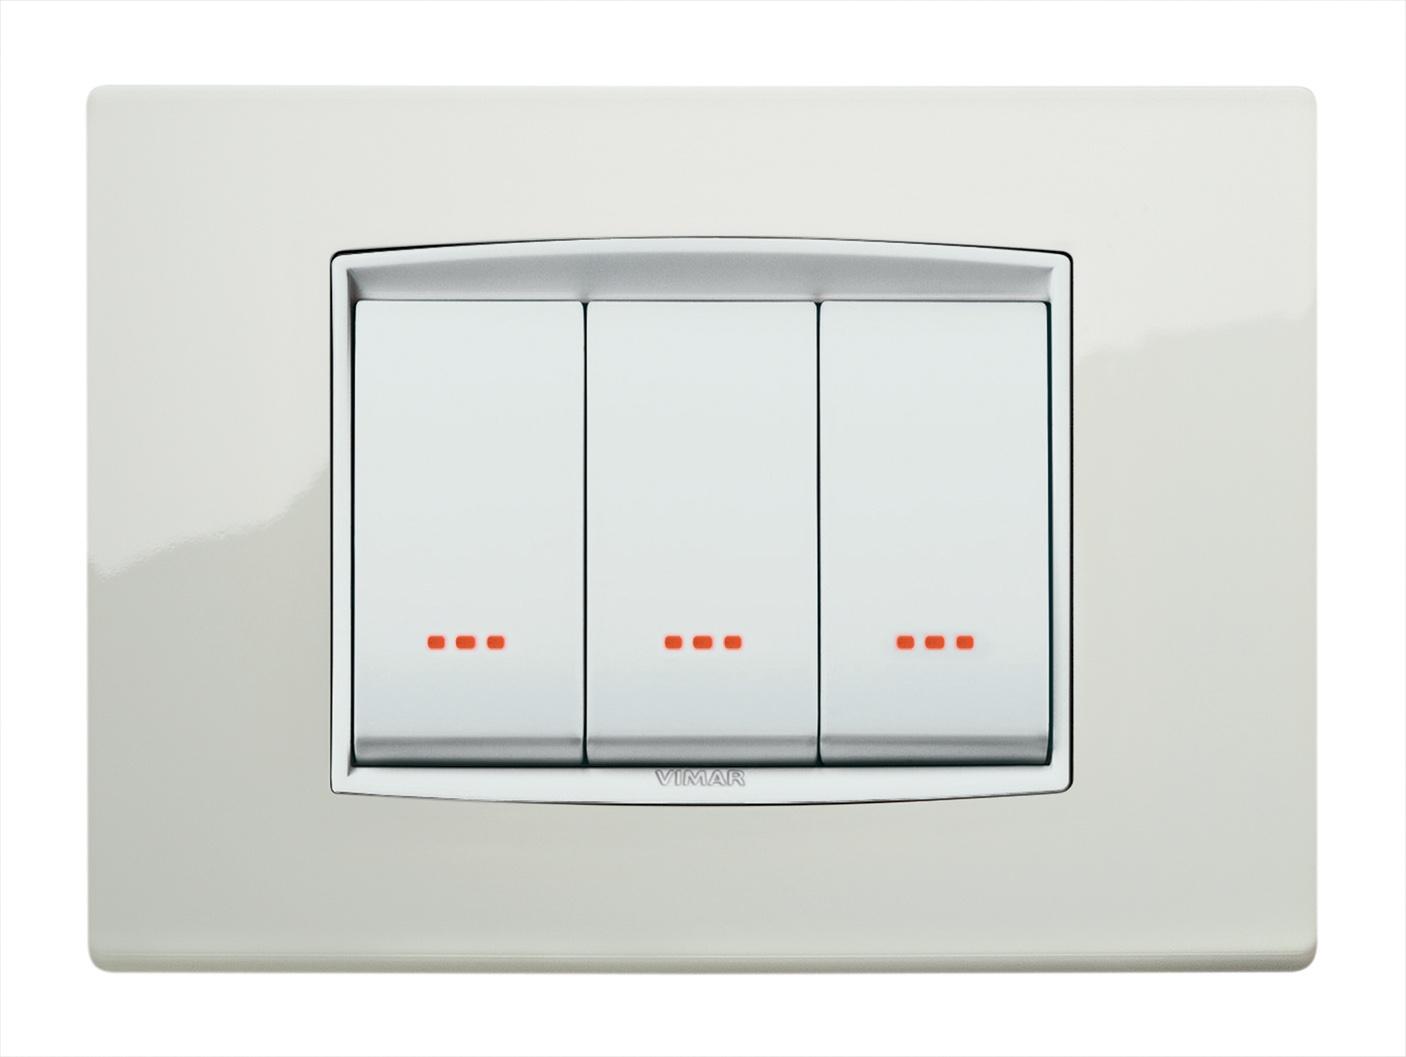 Placche per interruttori vimar for Placche prese elettriche